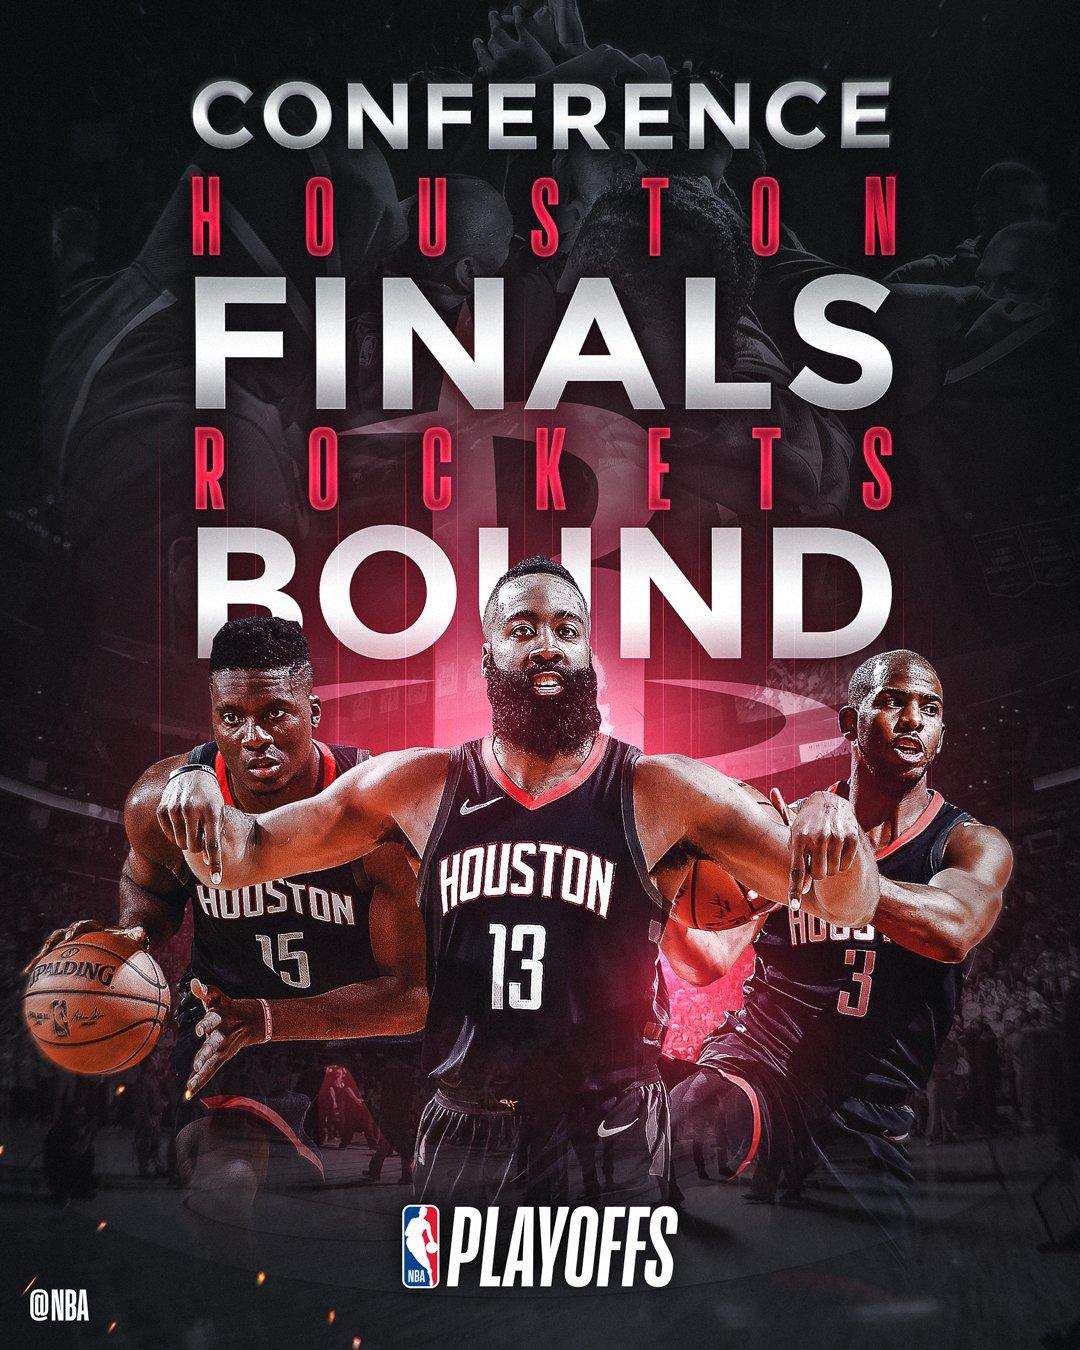 Rockets Vs Warriors Jan 4 2018: DAR Sports: The NBA Conference Finals